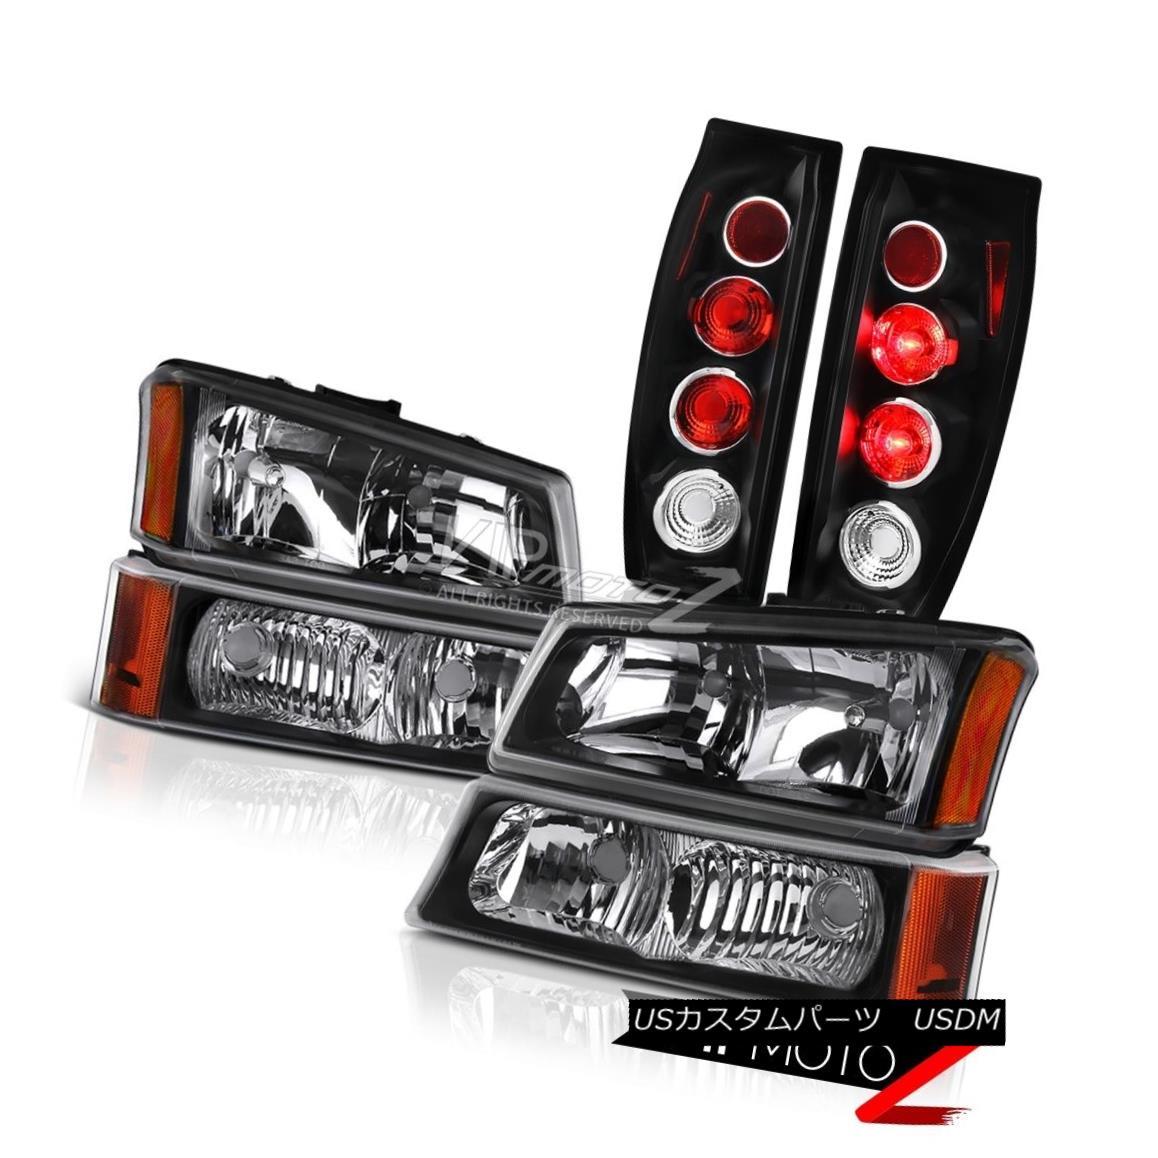 ヘッドライト 03-06 Chevy Avalanche 1500 Inky Black Tail Lights Signal Light Headlights Euro 03-06 Chevy Avalanche 1500 Inky Blackテールライトシグナルライトヘッドライトユーロ